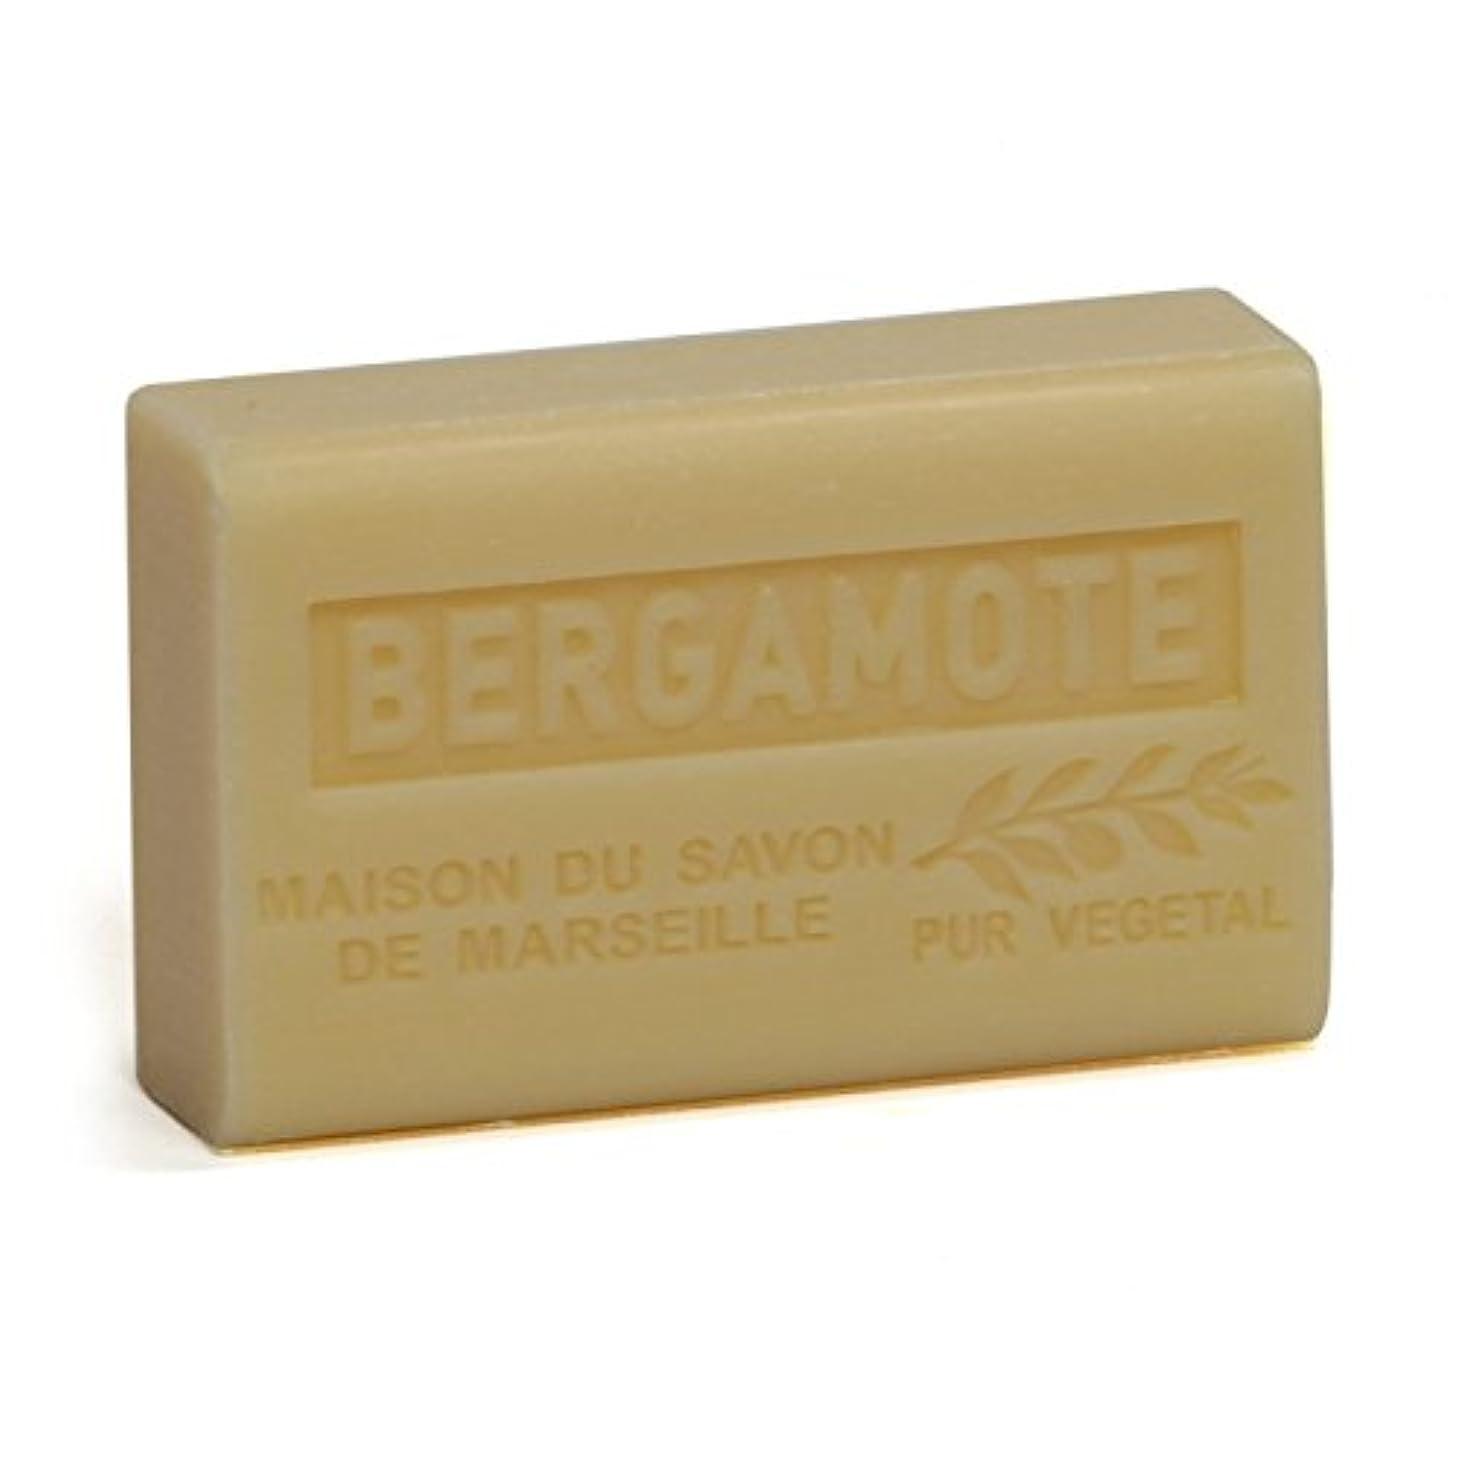 暖かく顕微鏡パプアニューギニアSavon de Marseille Soap Bergamot Shea Butter 125g